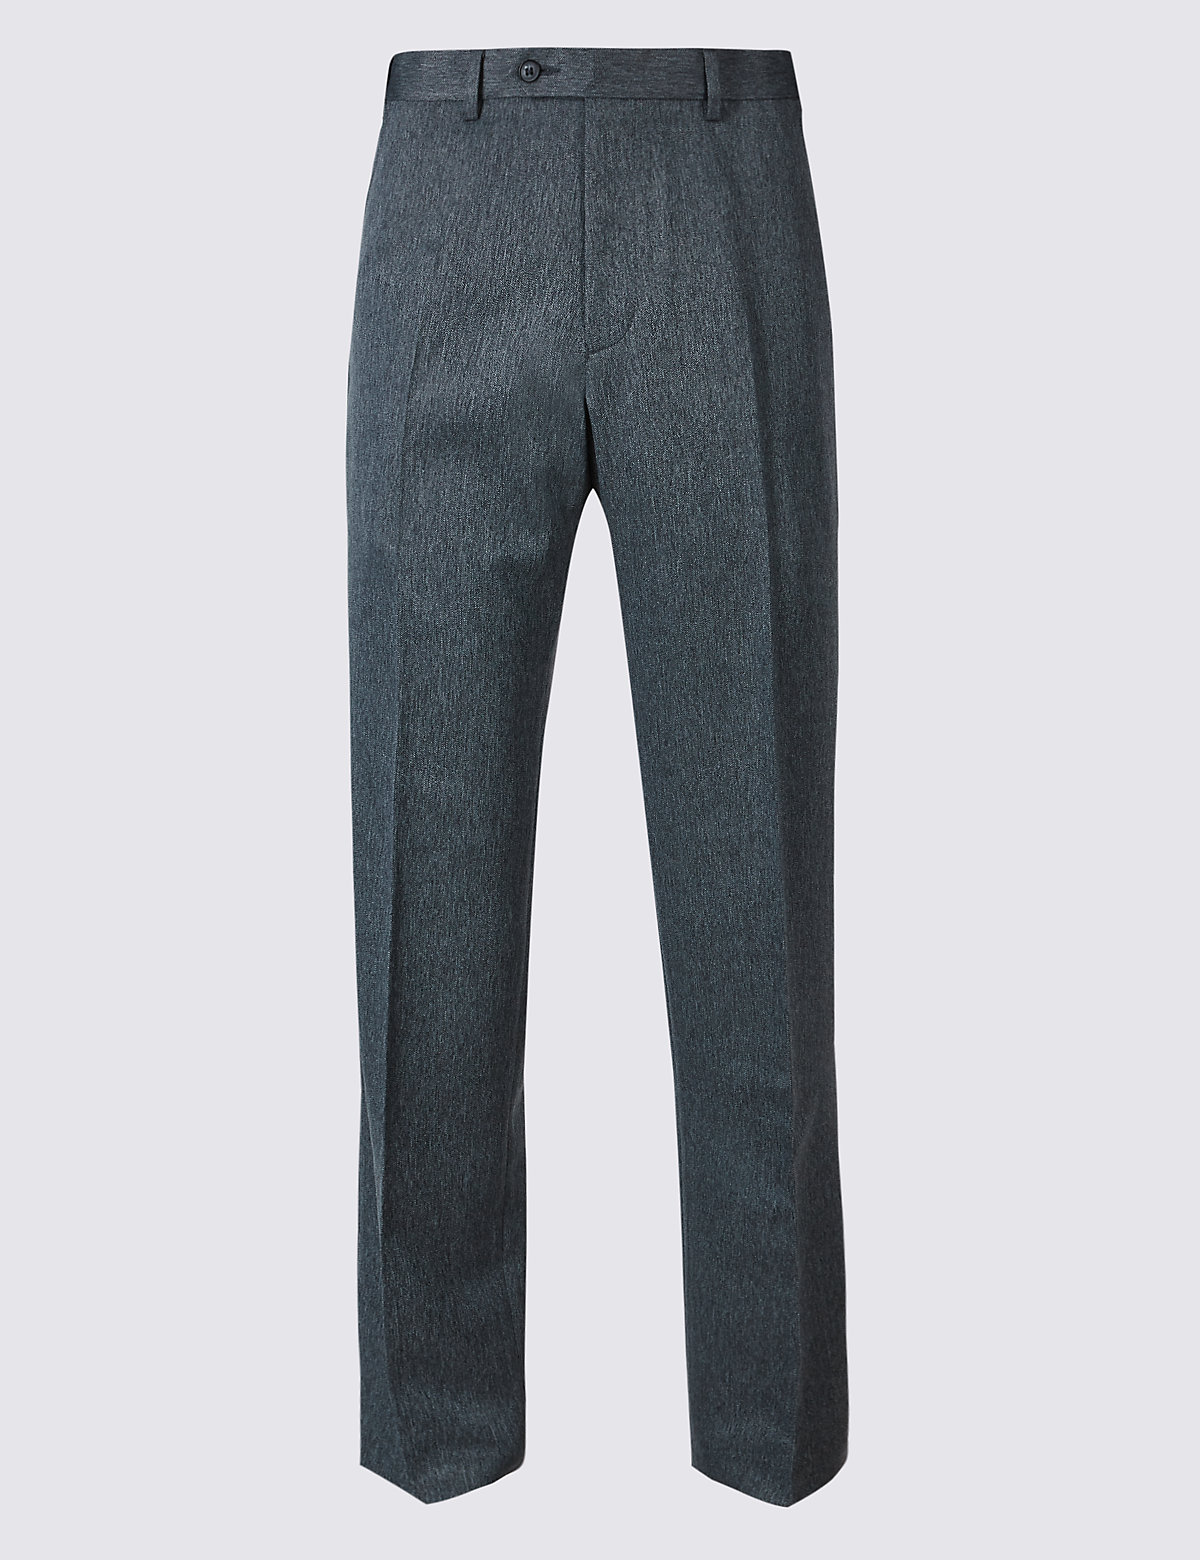 Брюки мужские классического кроя без защипов M&S Collection. Цвет: синий